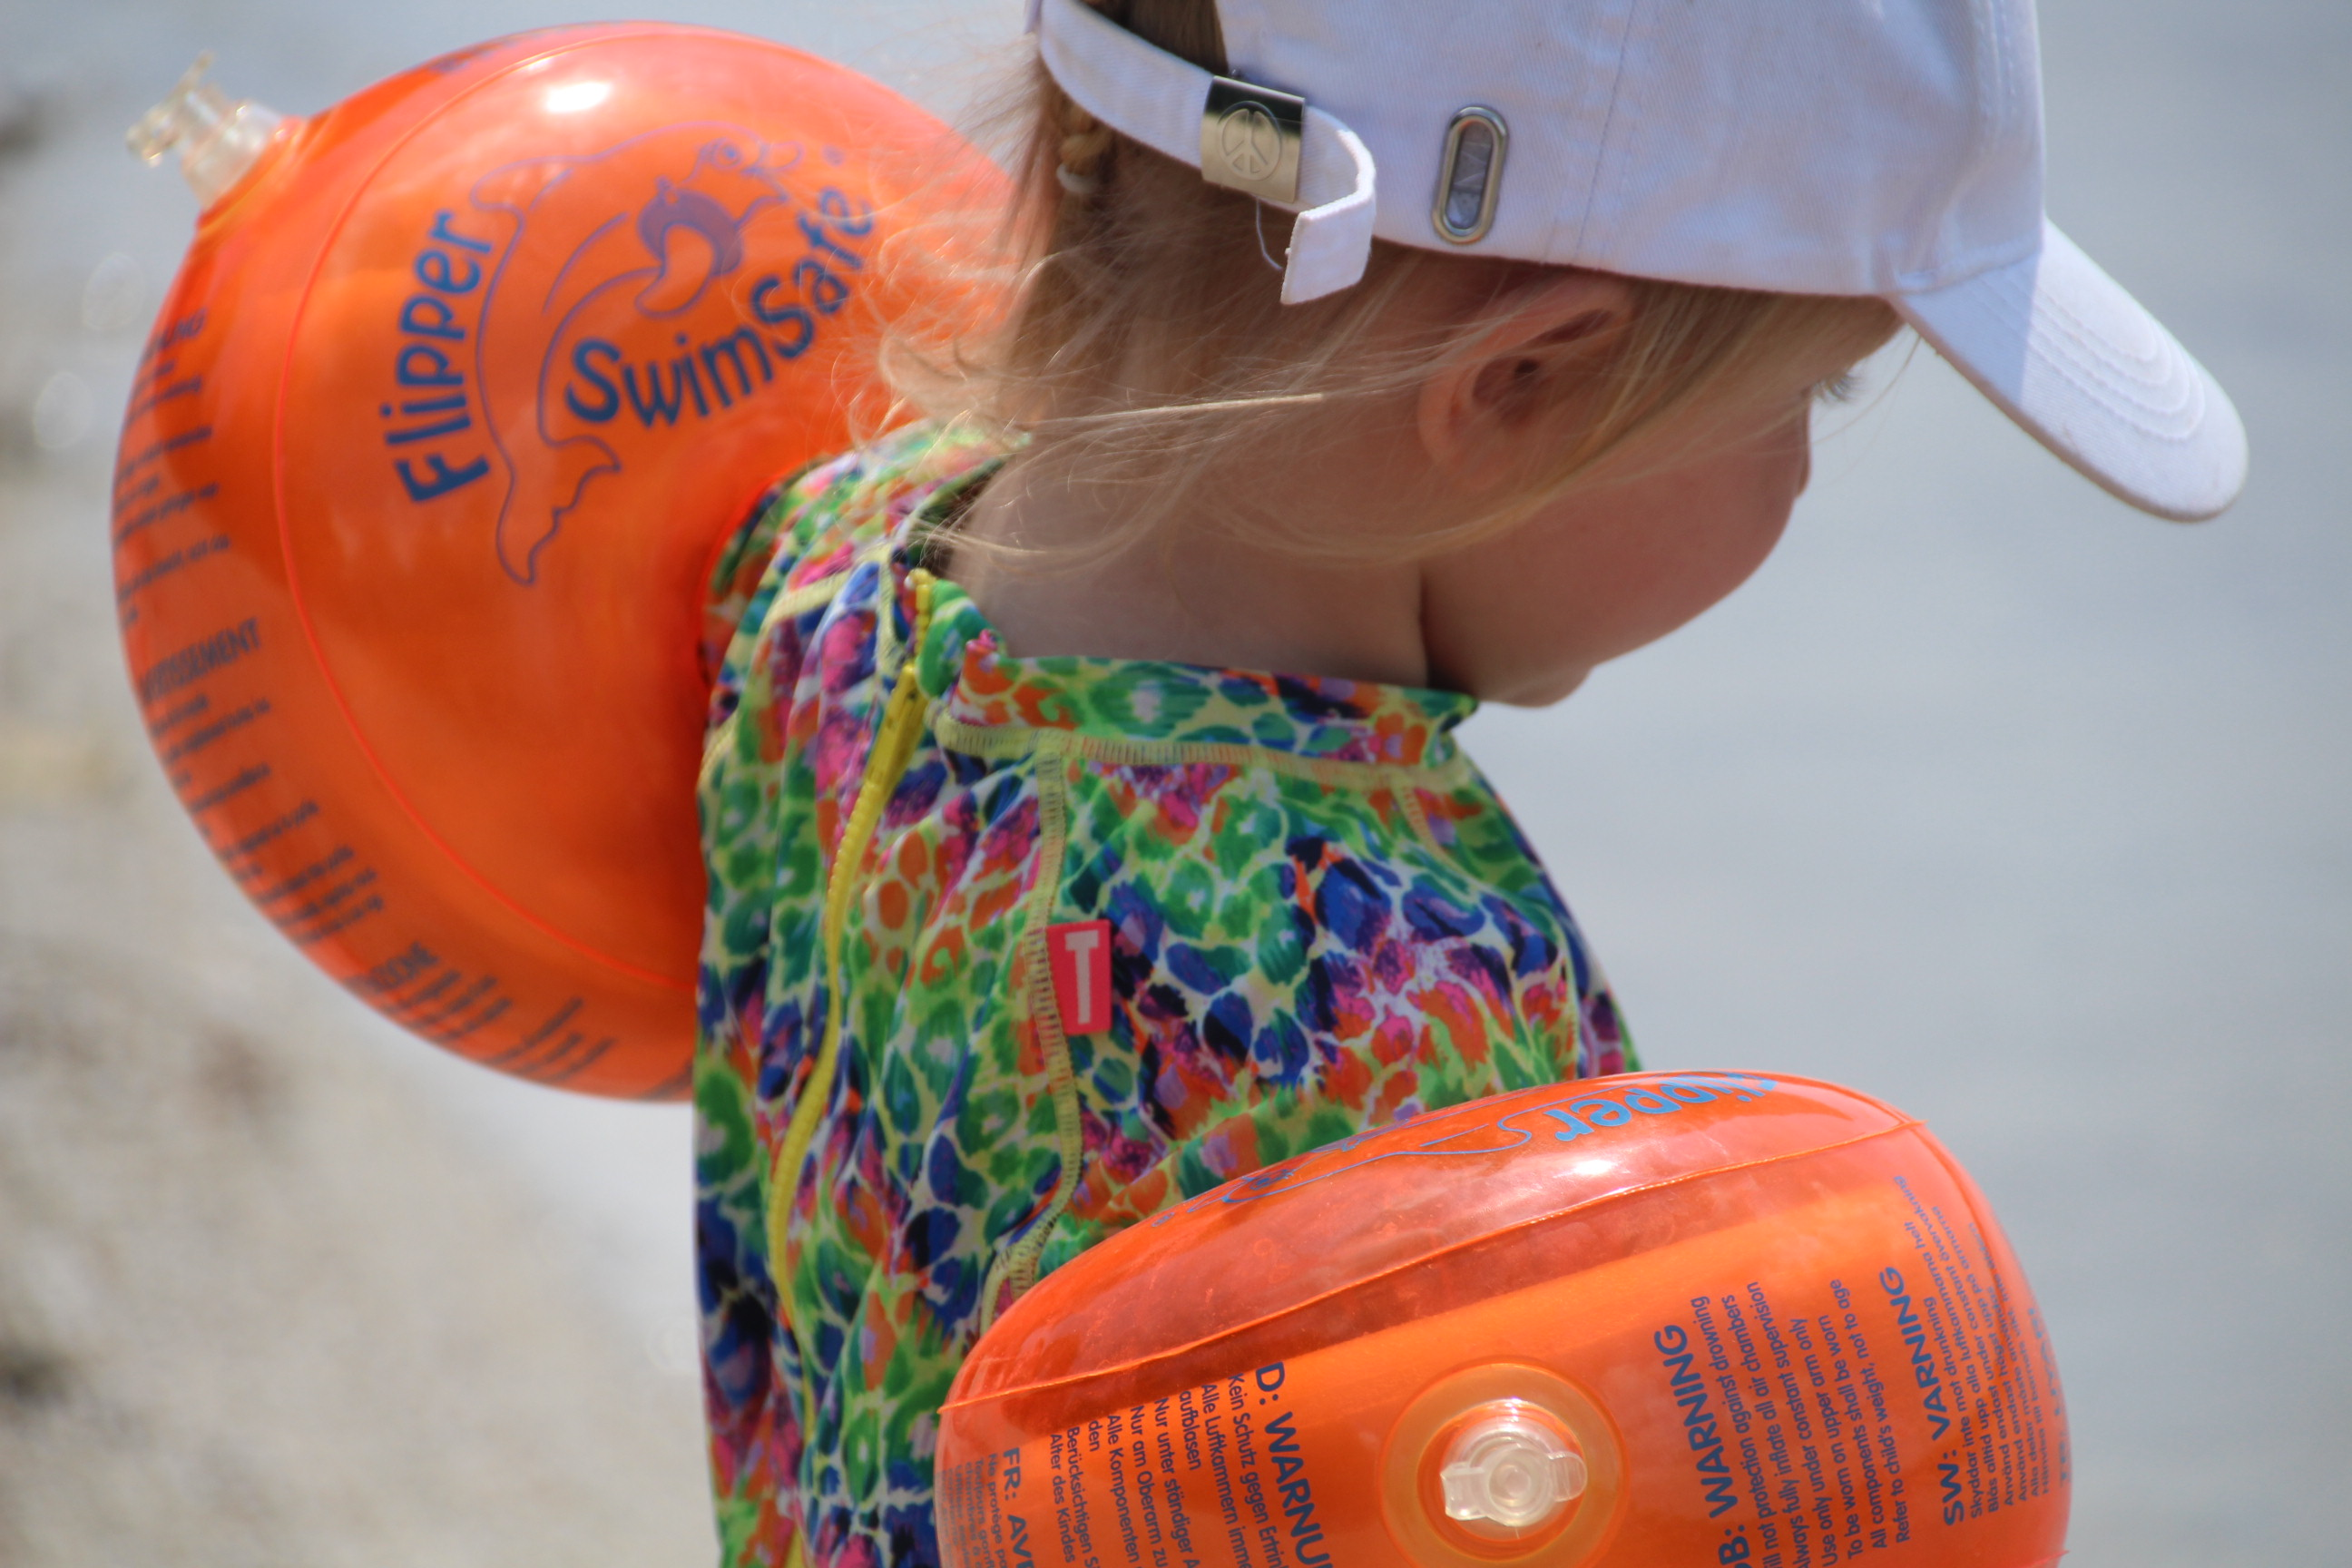 Mädchen mit Flipper SwimSafe Schwimmflügeln